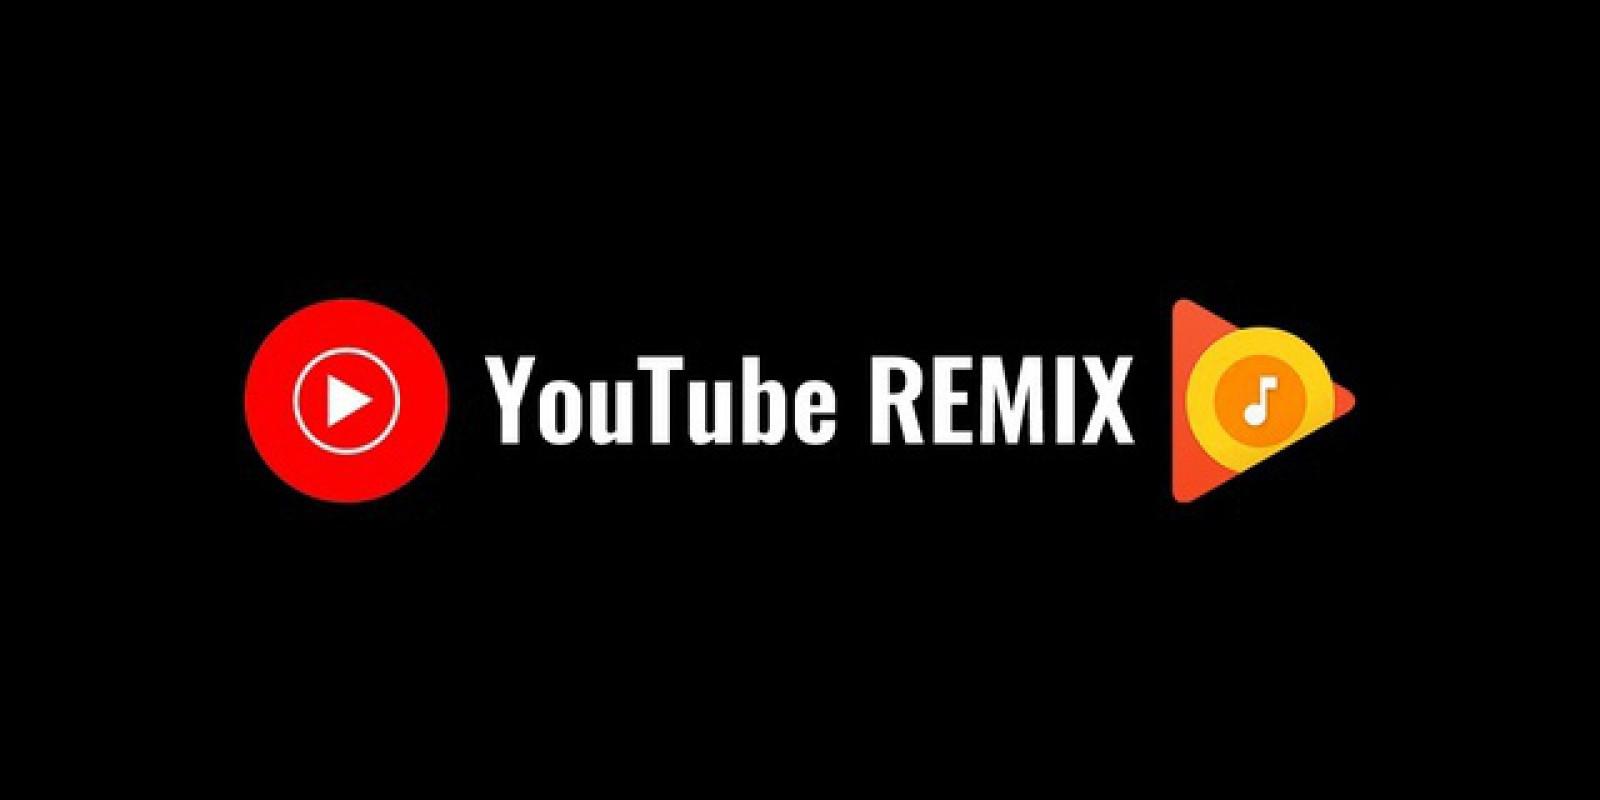 """YouTube Remix va înlocui Google Play Music şi YouTube Music. Experienţa va fi """"inspirată"""" de Spotify"""